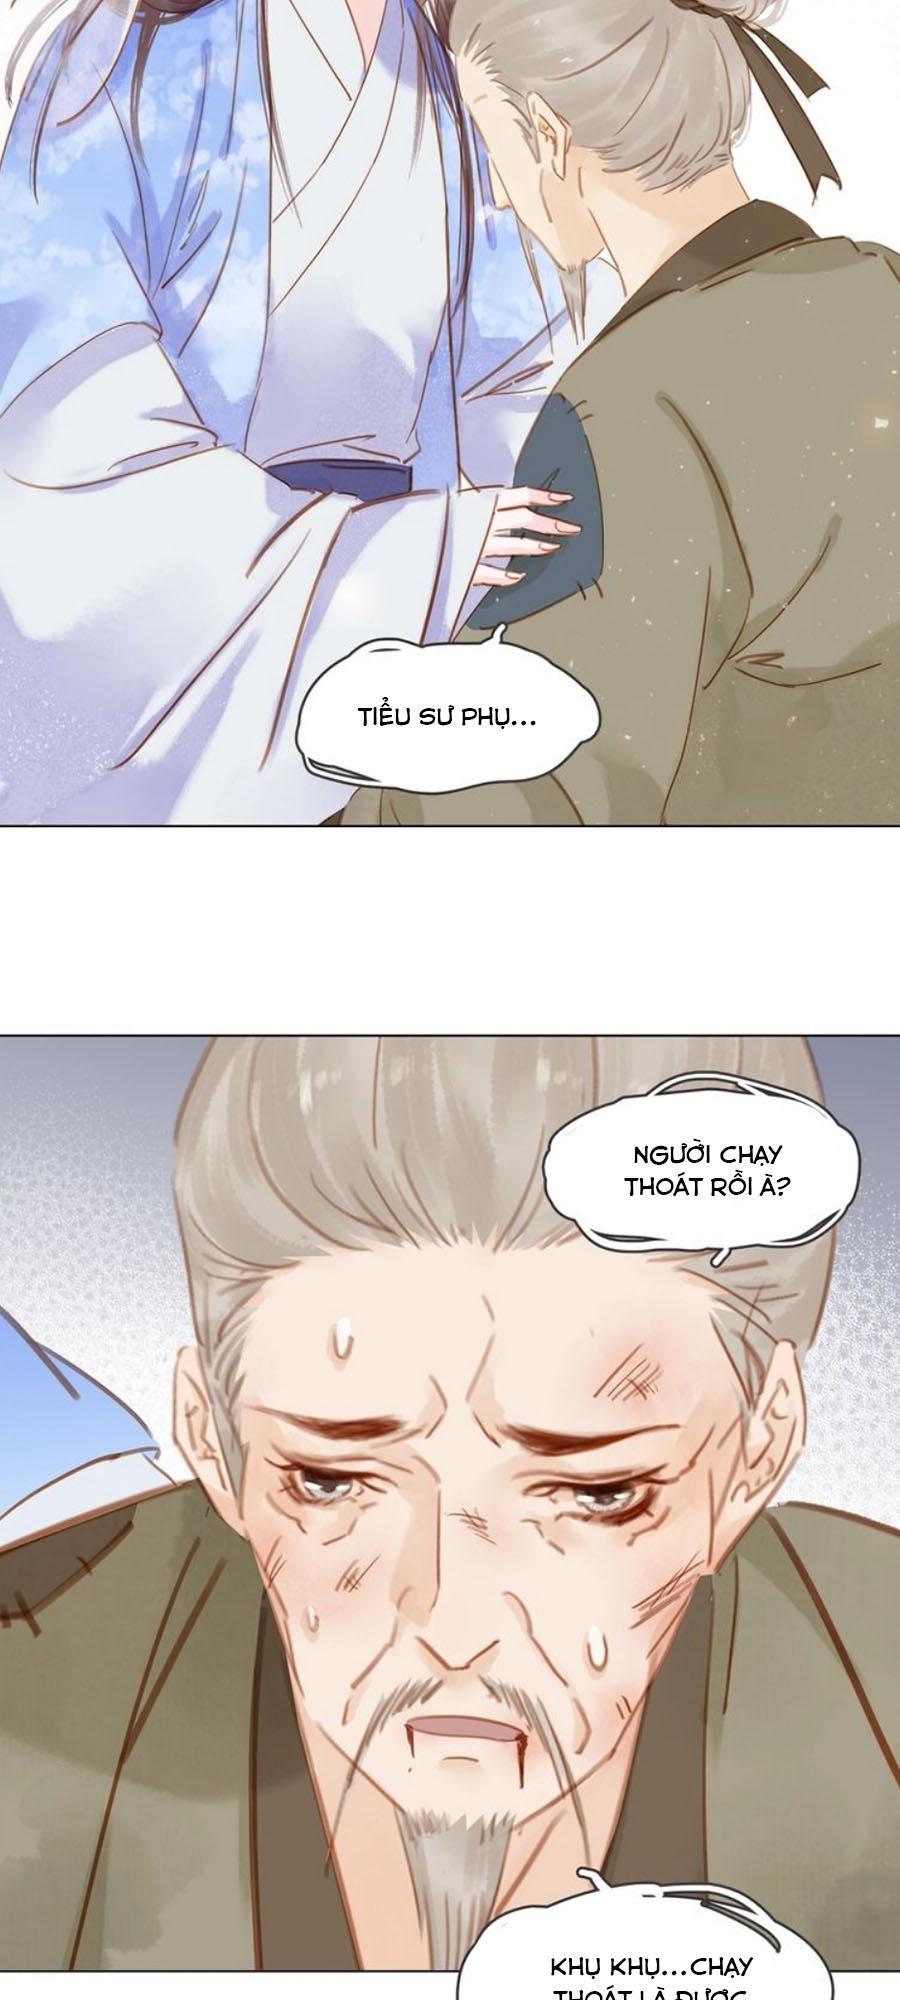 Tiểu sư phụ, tóc giả của ngài rơi rồi! chap 11 - Trang 31